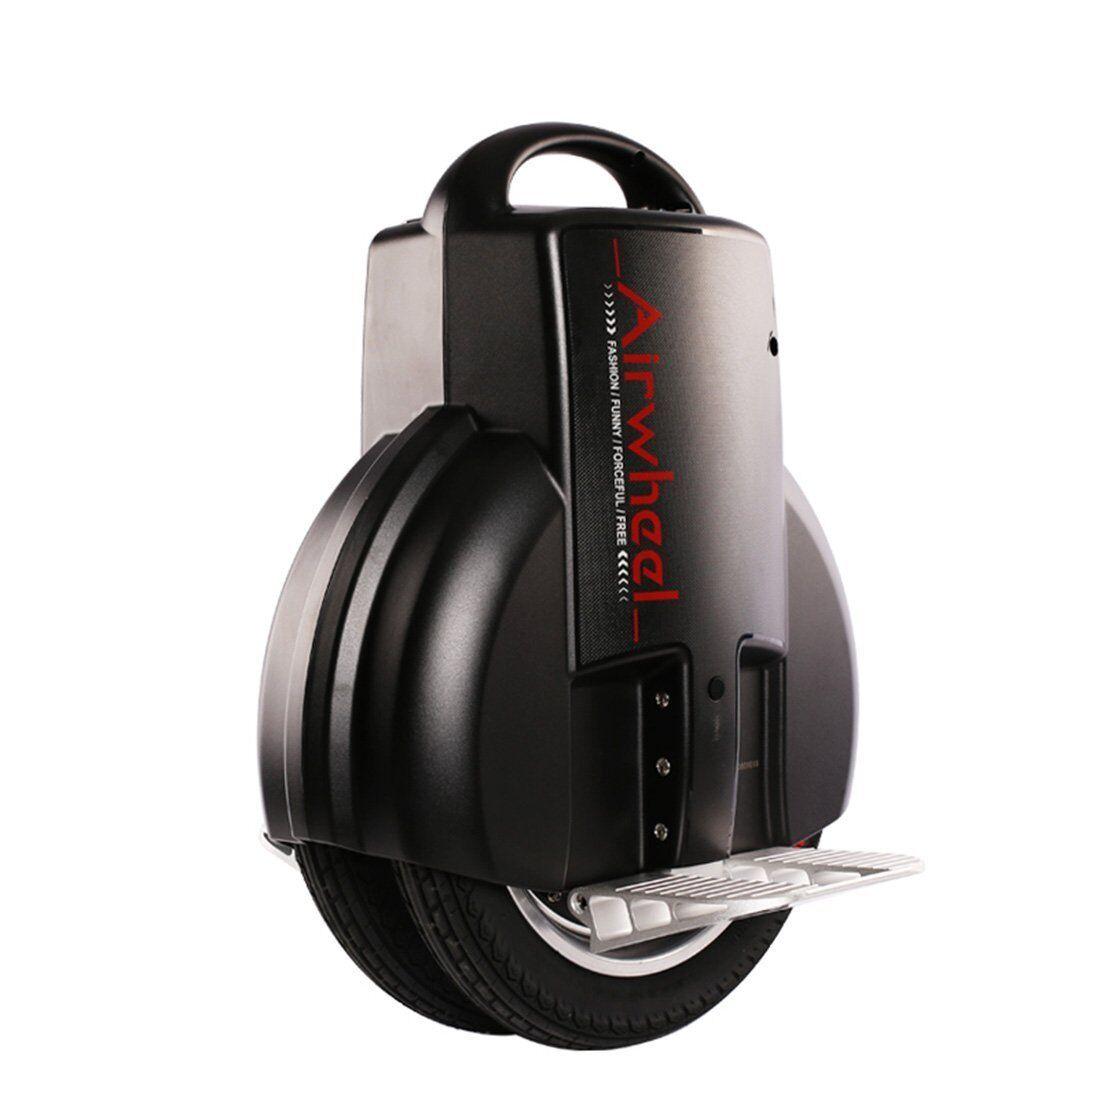 Ahorros en la temporada de fiestas rueda con aletas Q3 170Wh Scooter Monociclo Eléctrico Rueda Doble